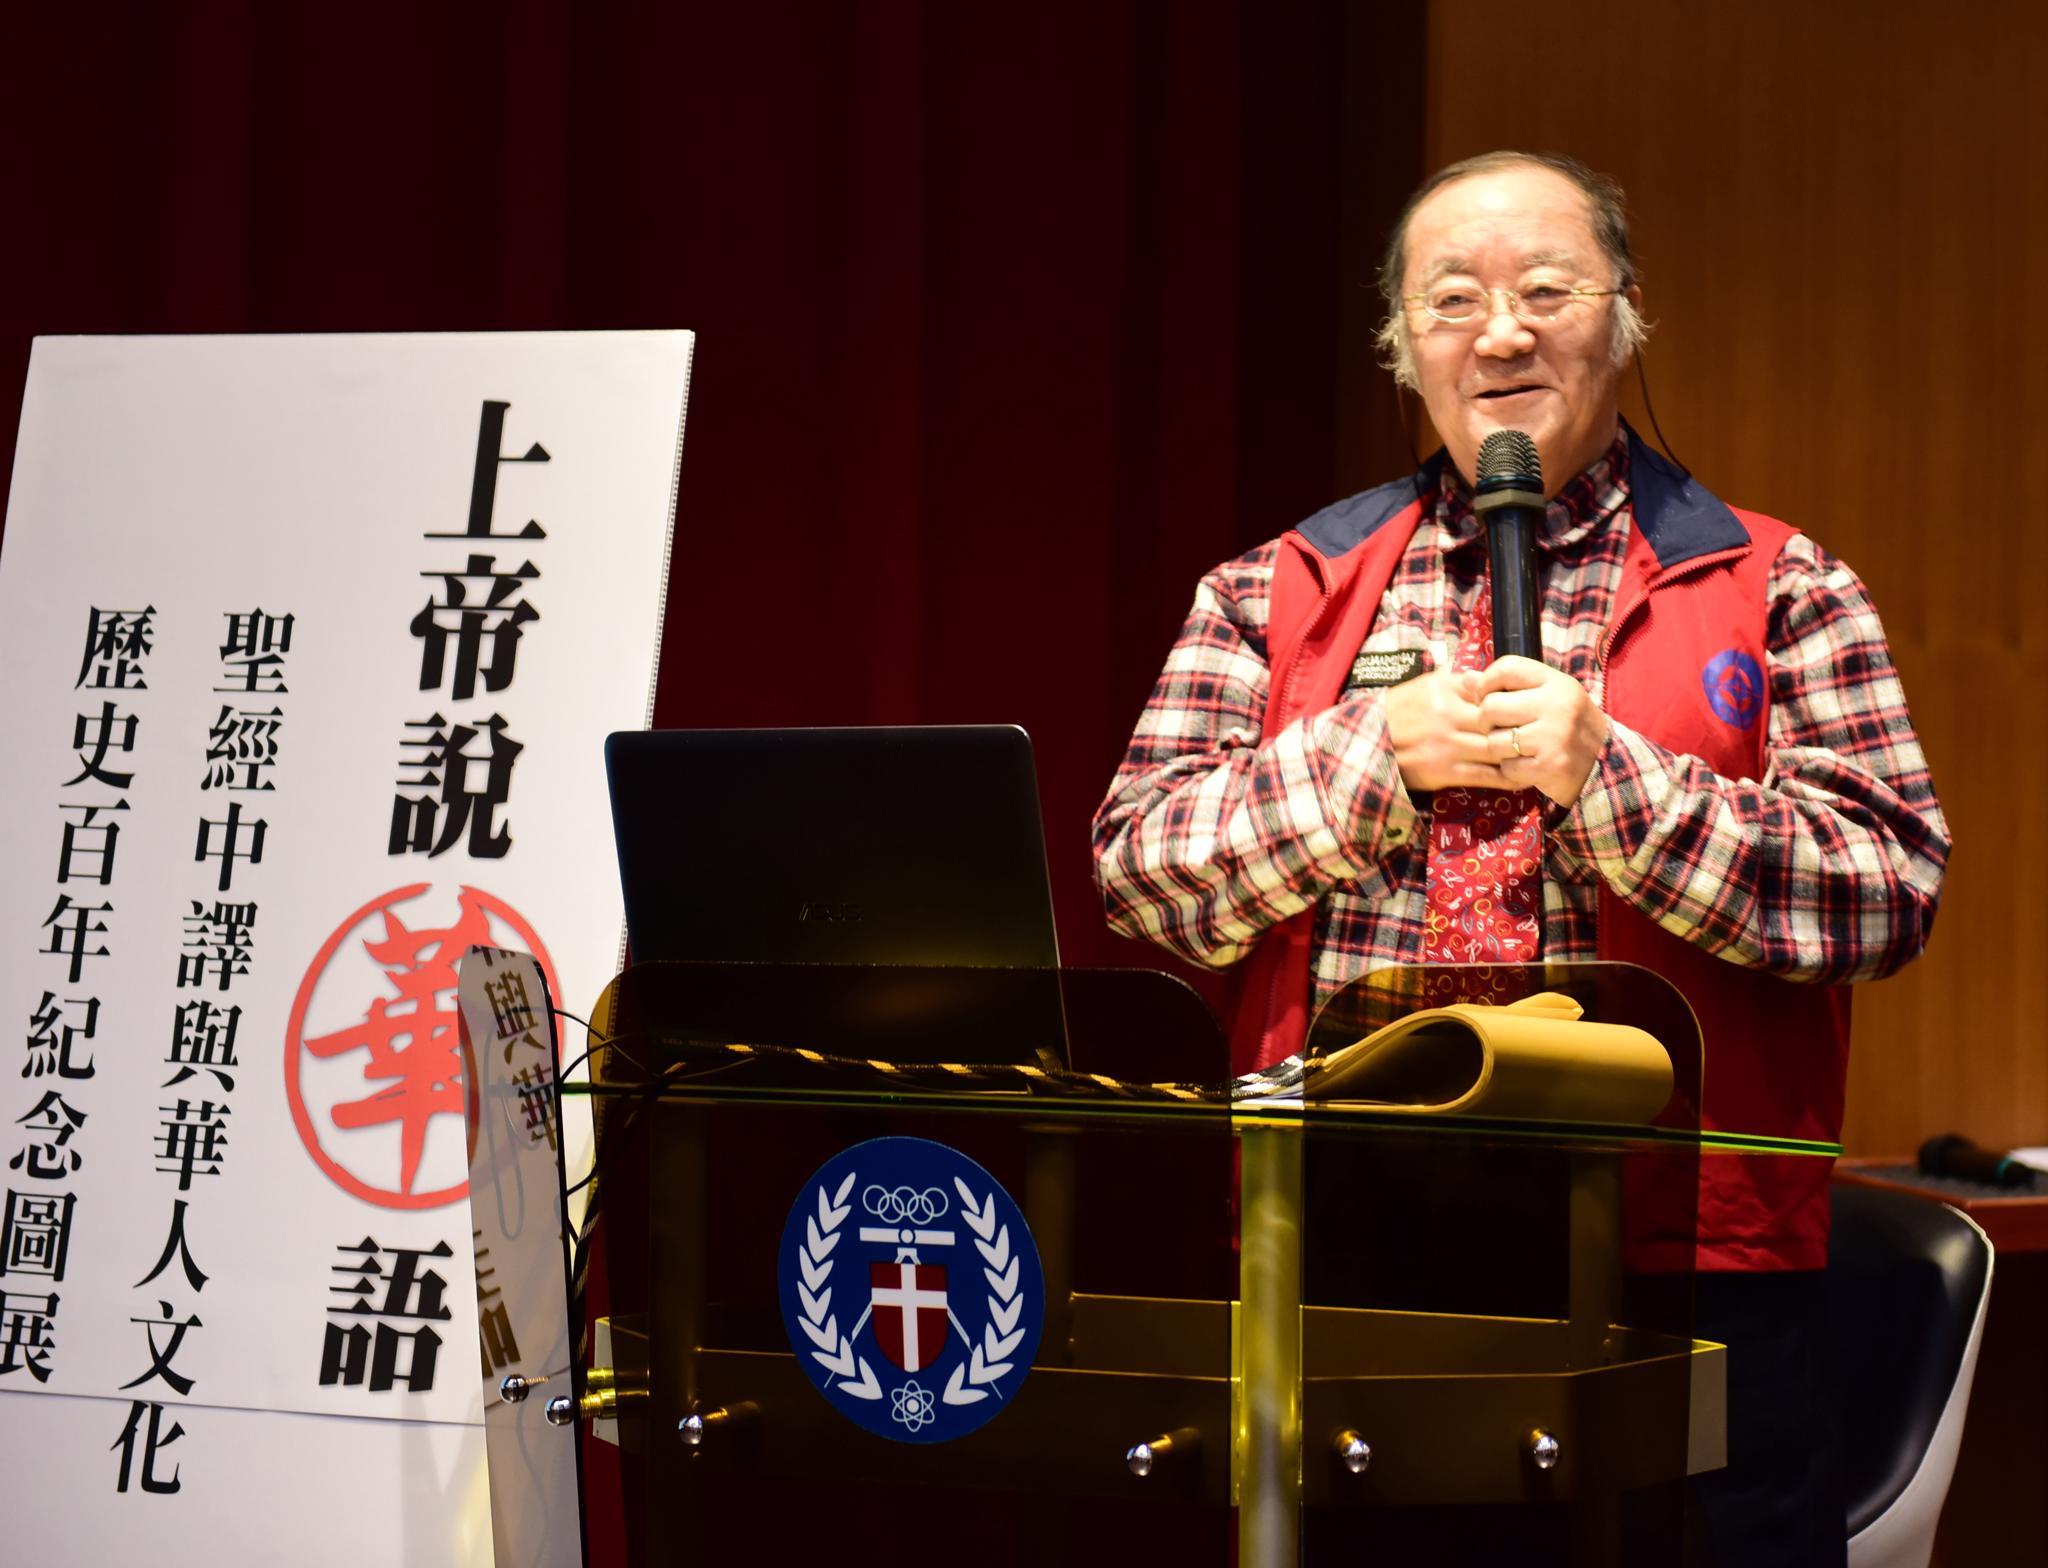 「上帝說華語──聖經中譯與華人文化歷史」百年圖片巡迴展 全球首展在中原